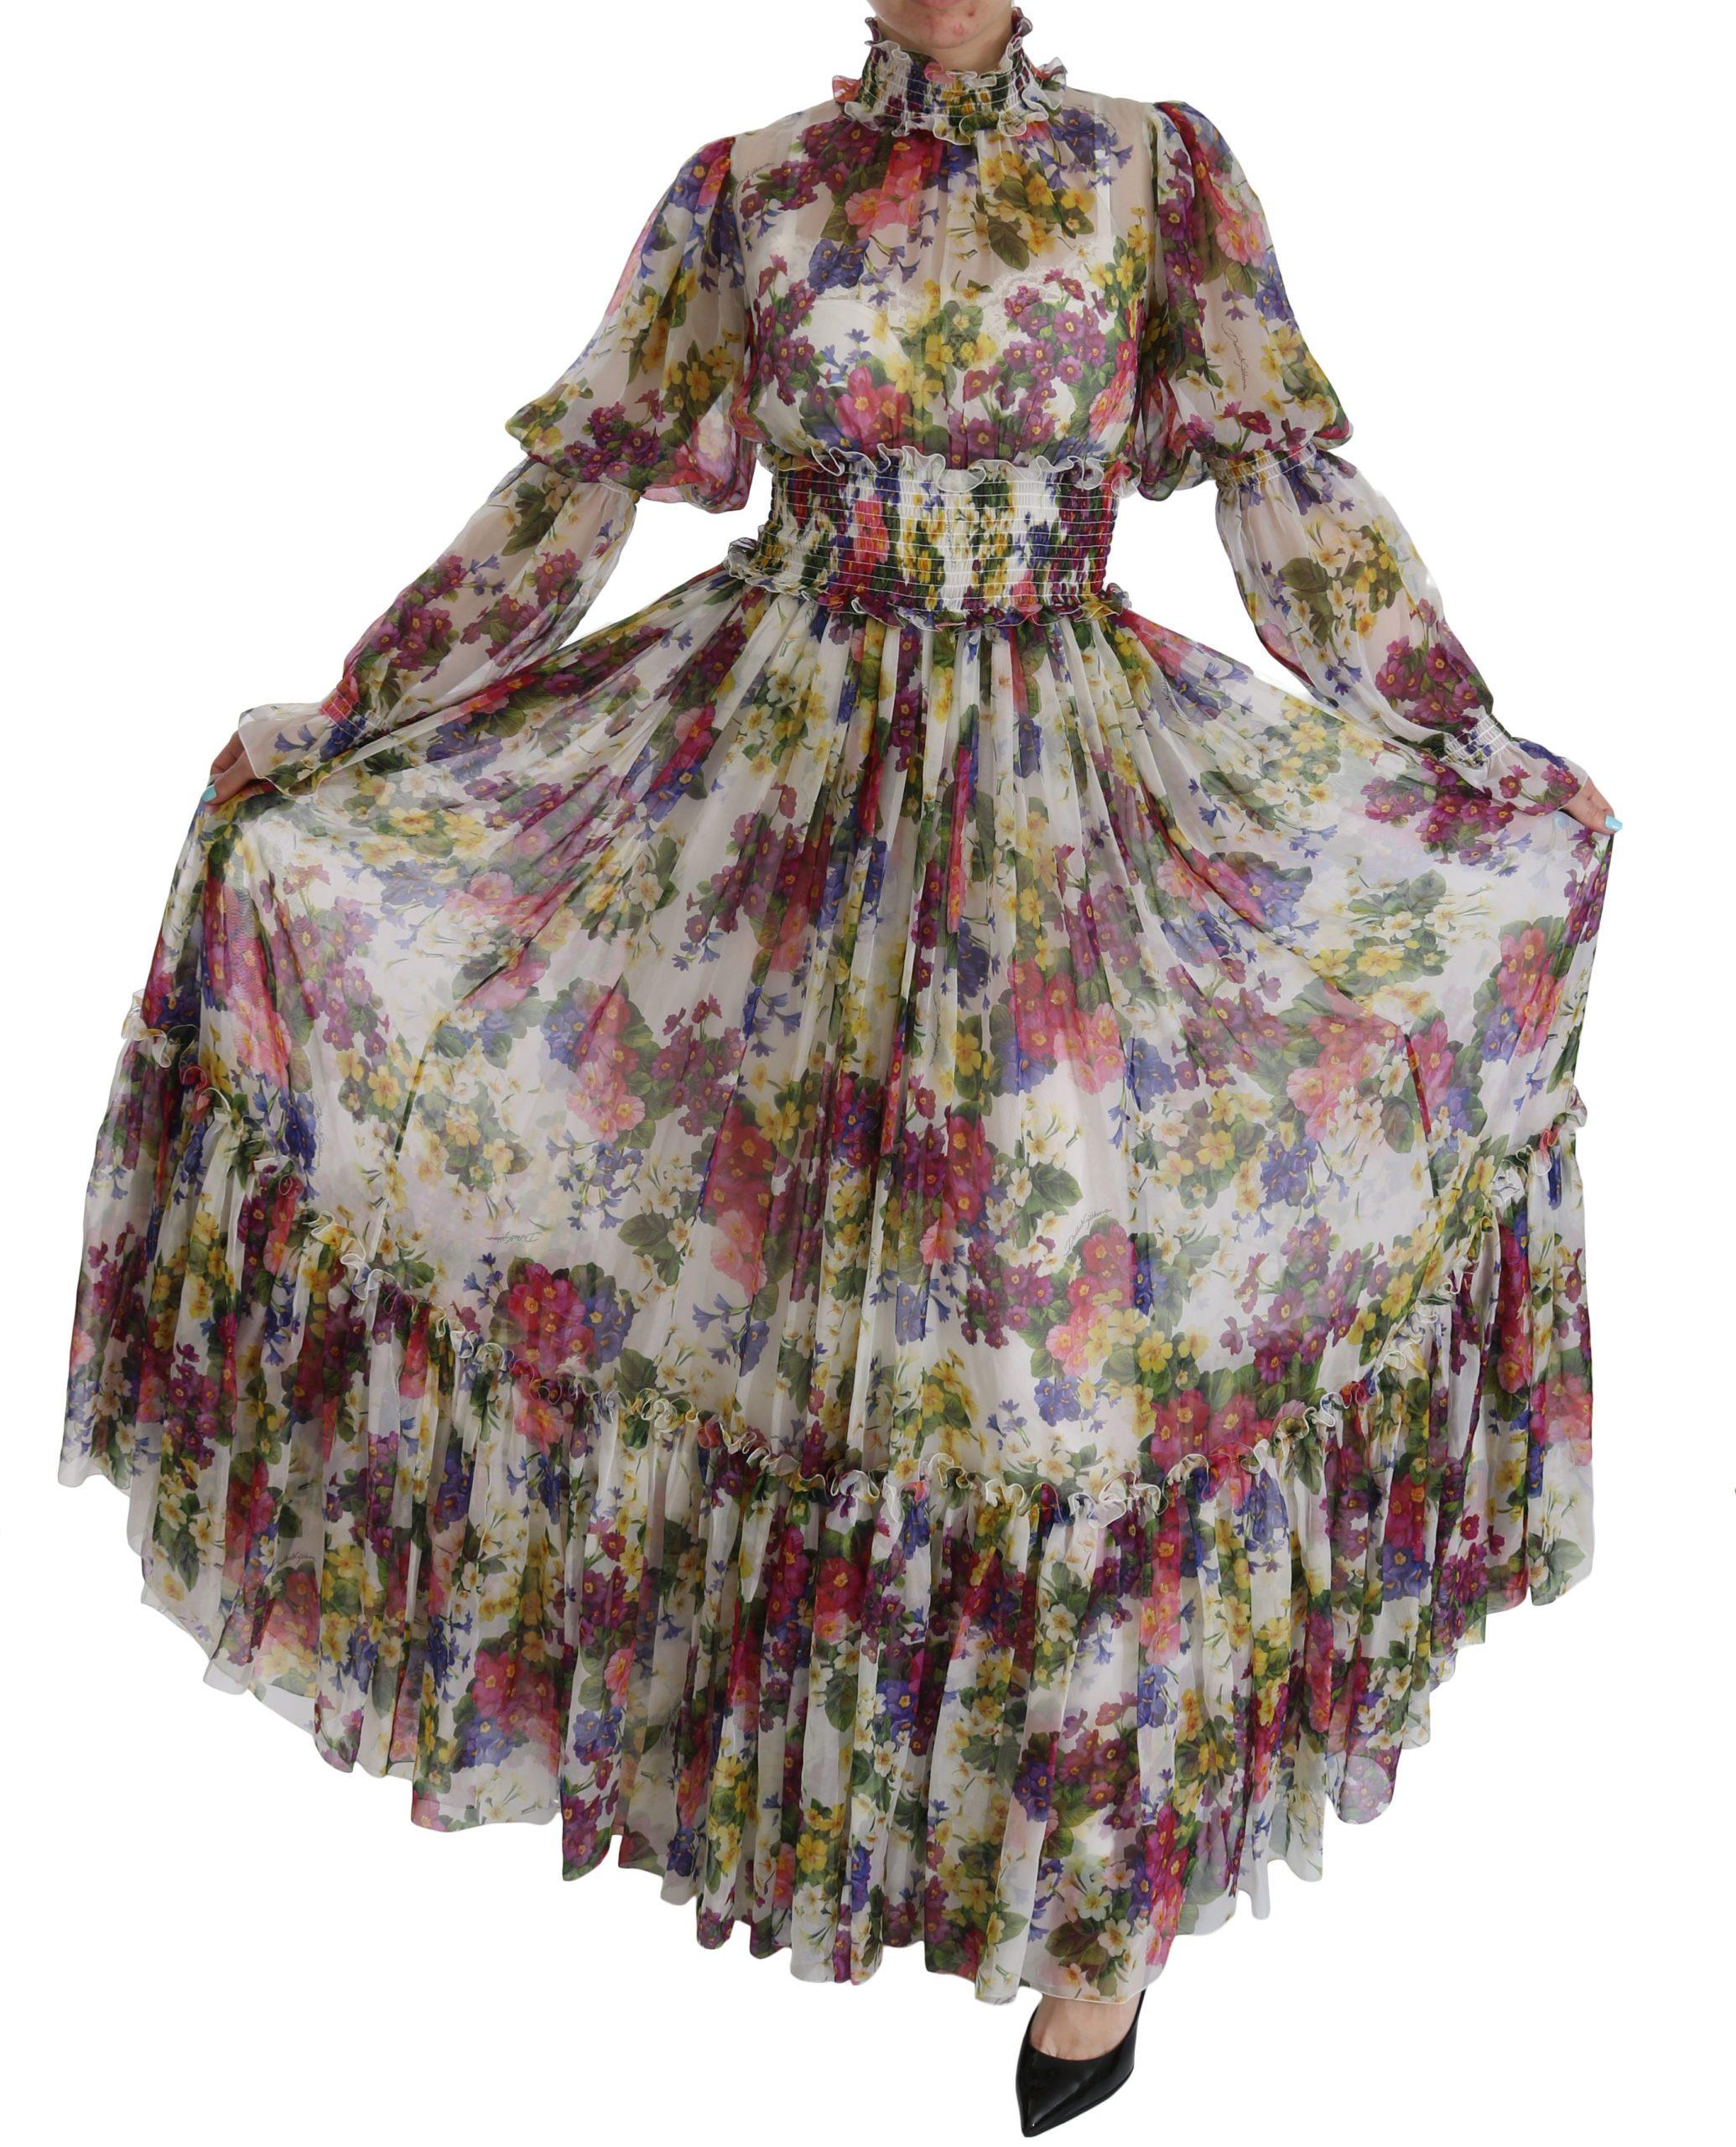 Dolce & Gabbana Women's Floral Silk Long Gown Dress Multicolor DR2082 - IT40|S